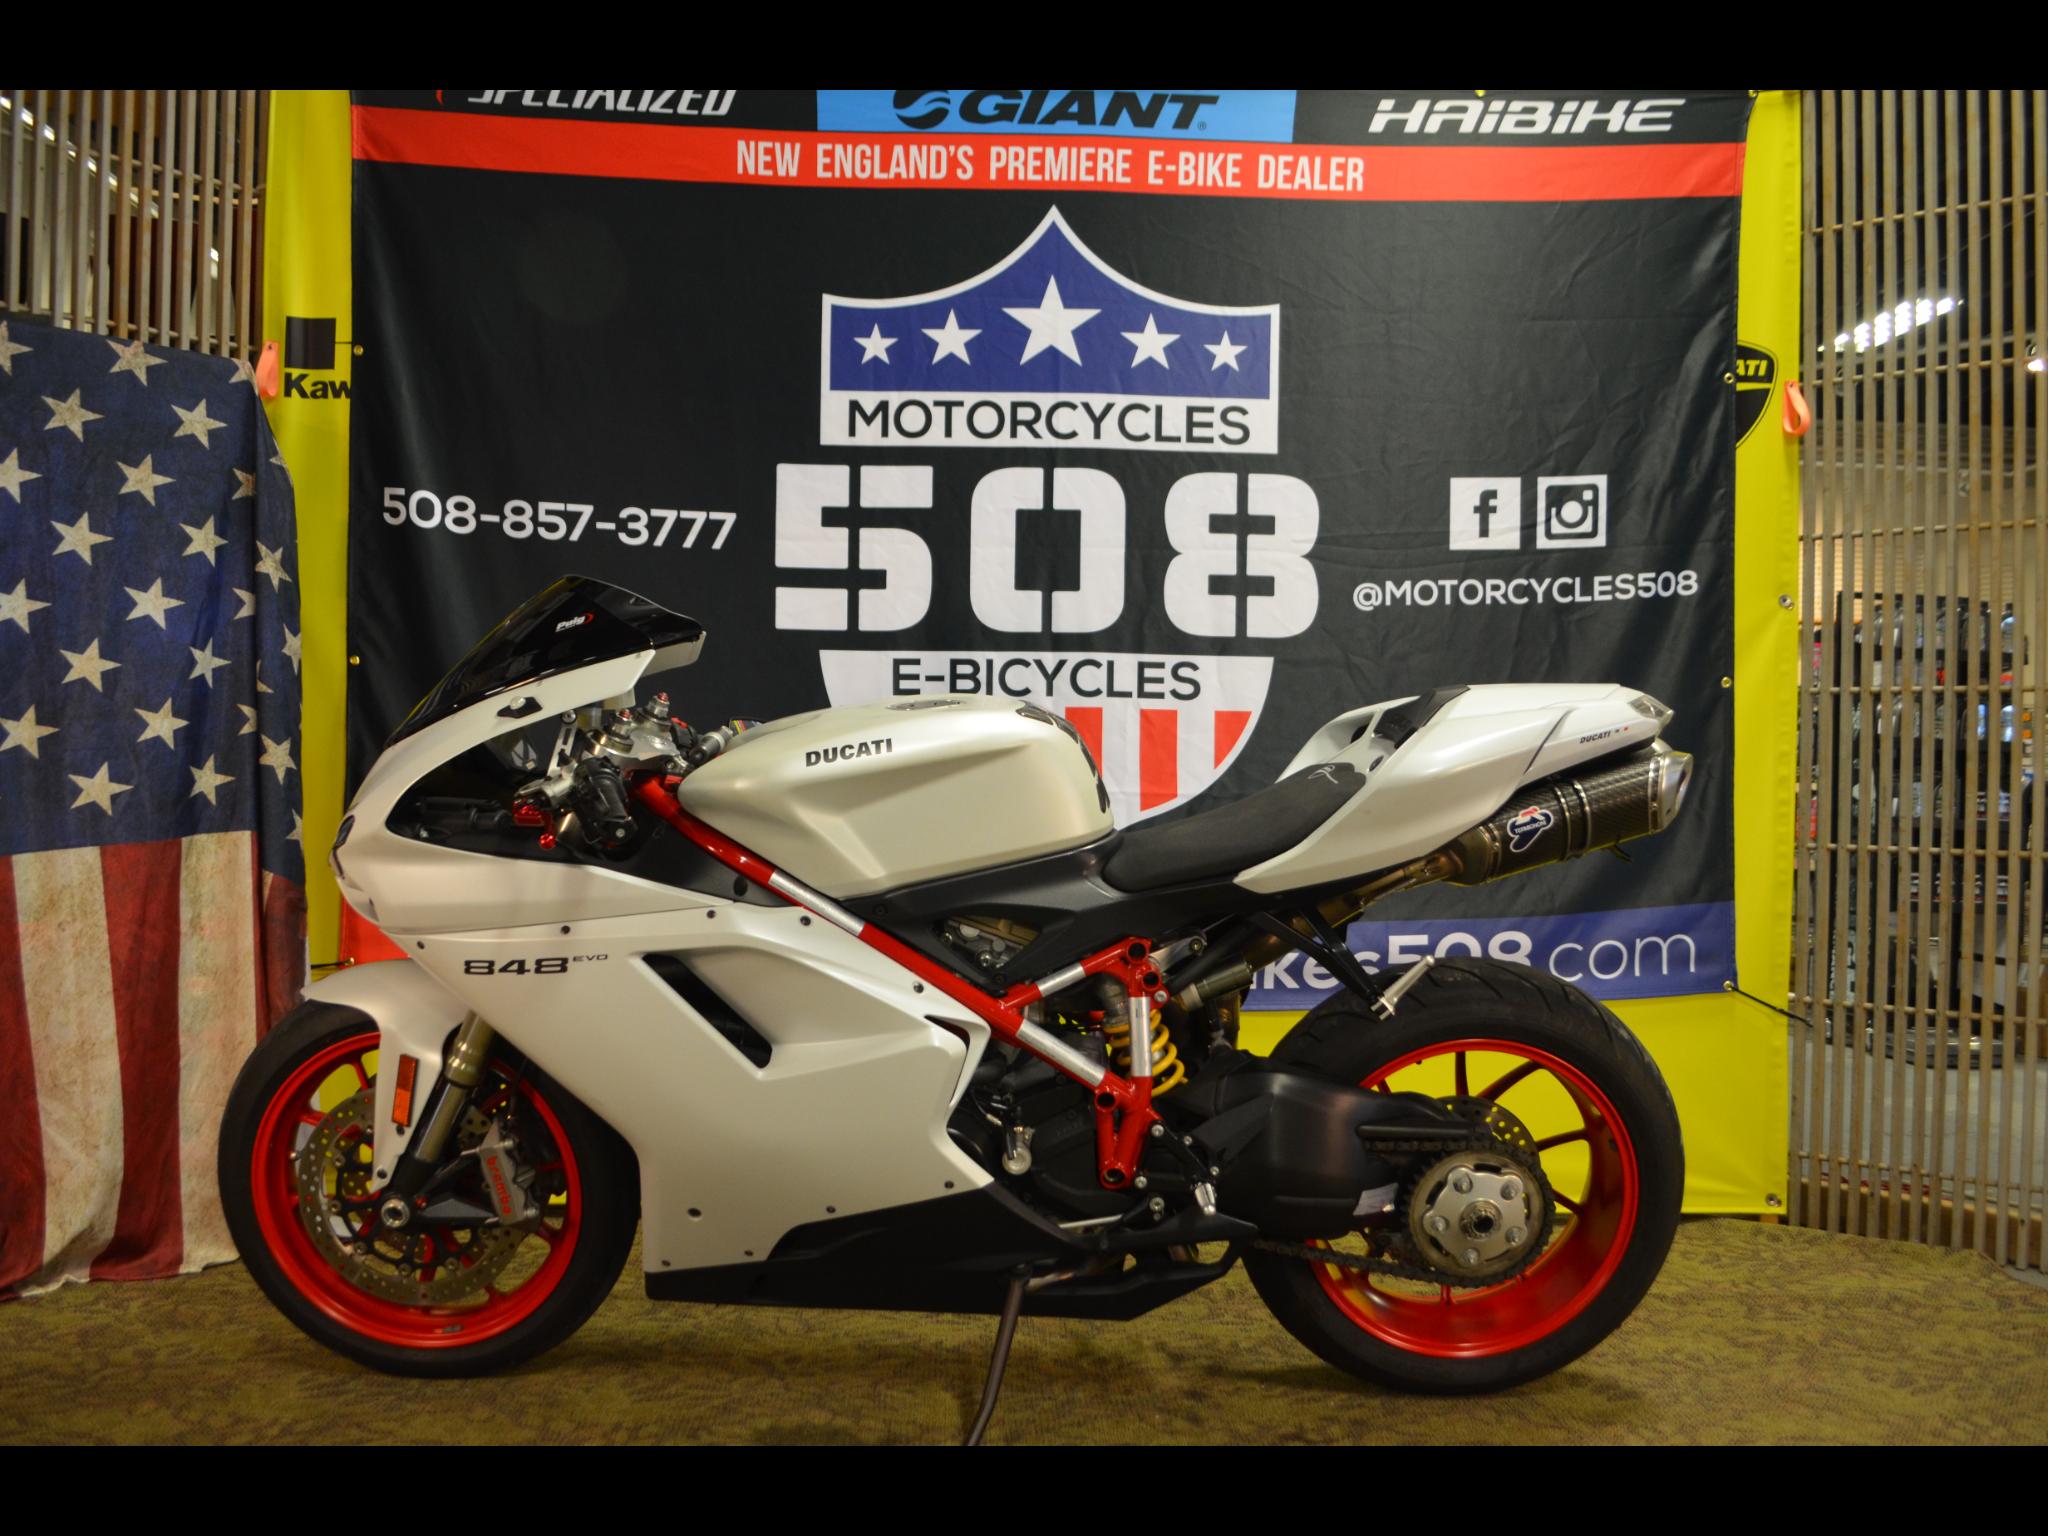 2012 Ducati 848 Evo Corse